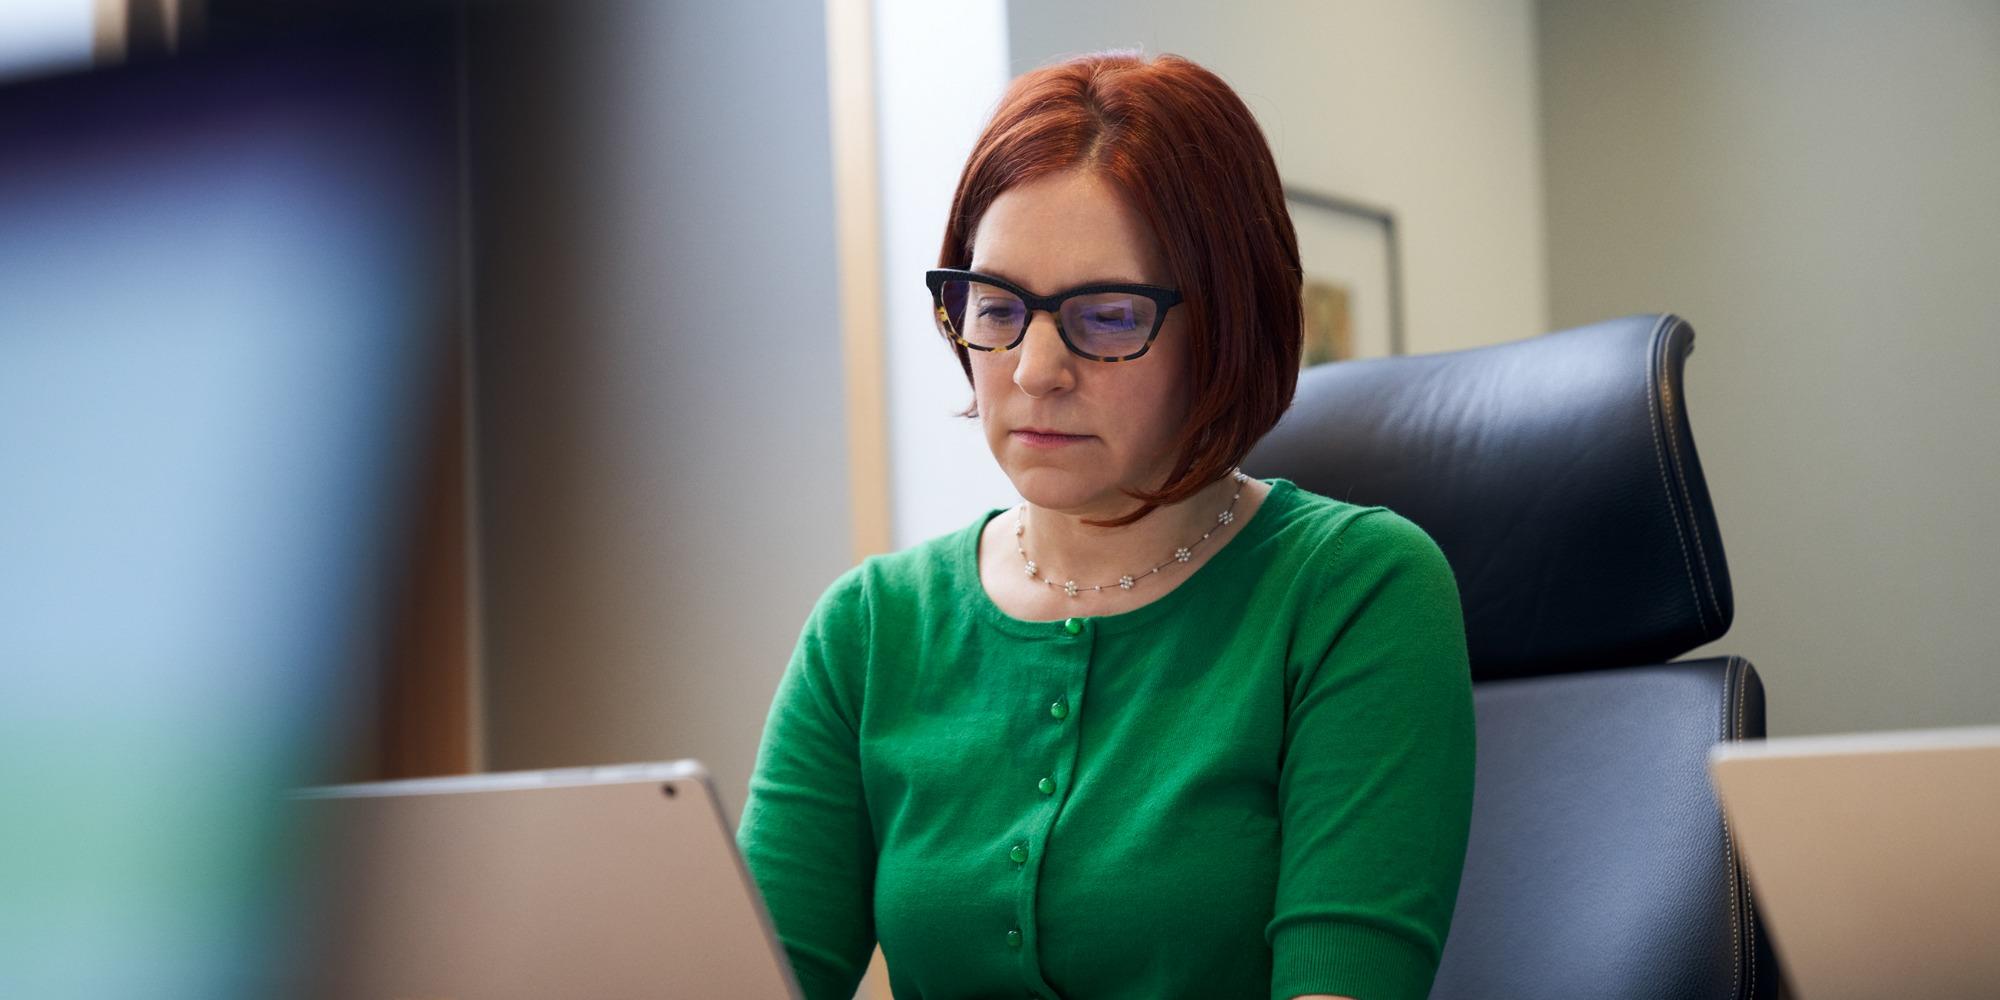 Eine Frau, die an einem Tisch sitzt und mit einem Laptop arbeitet